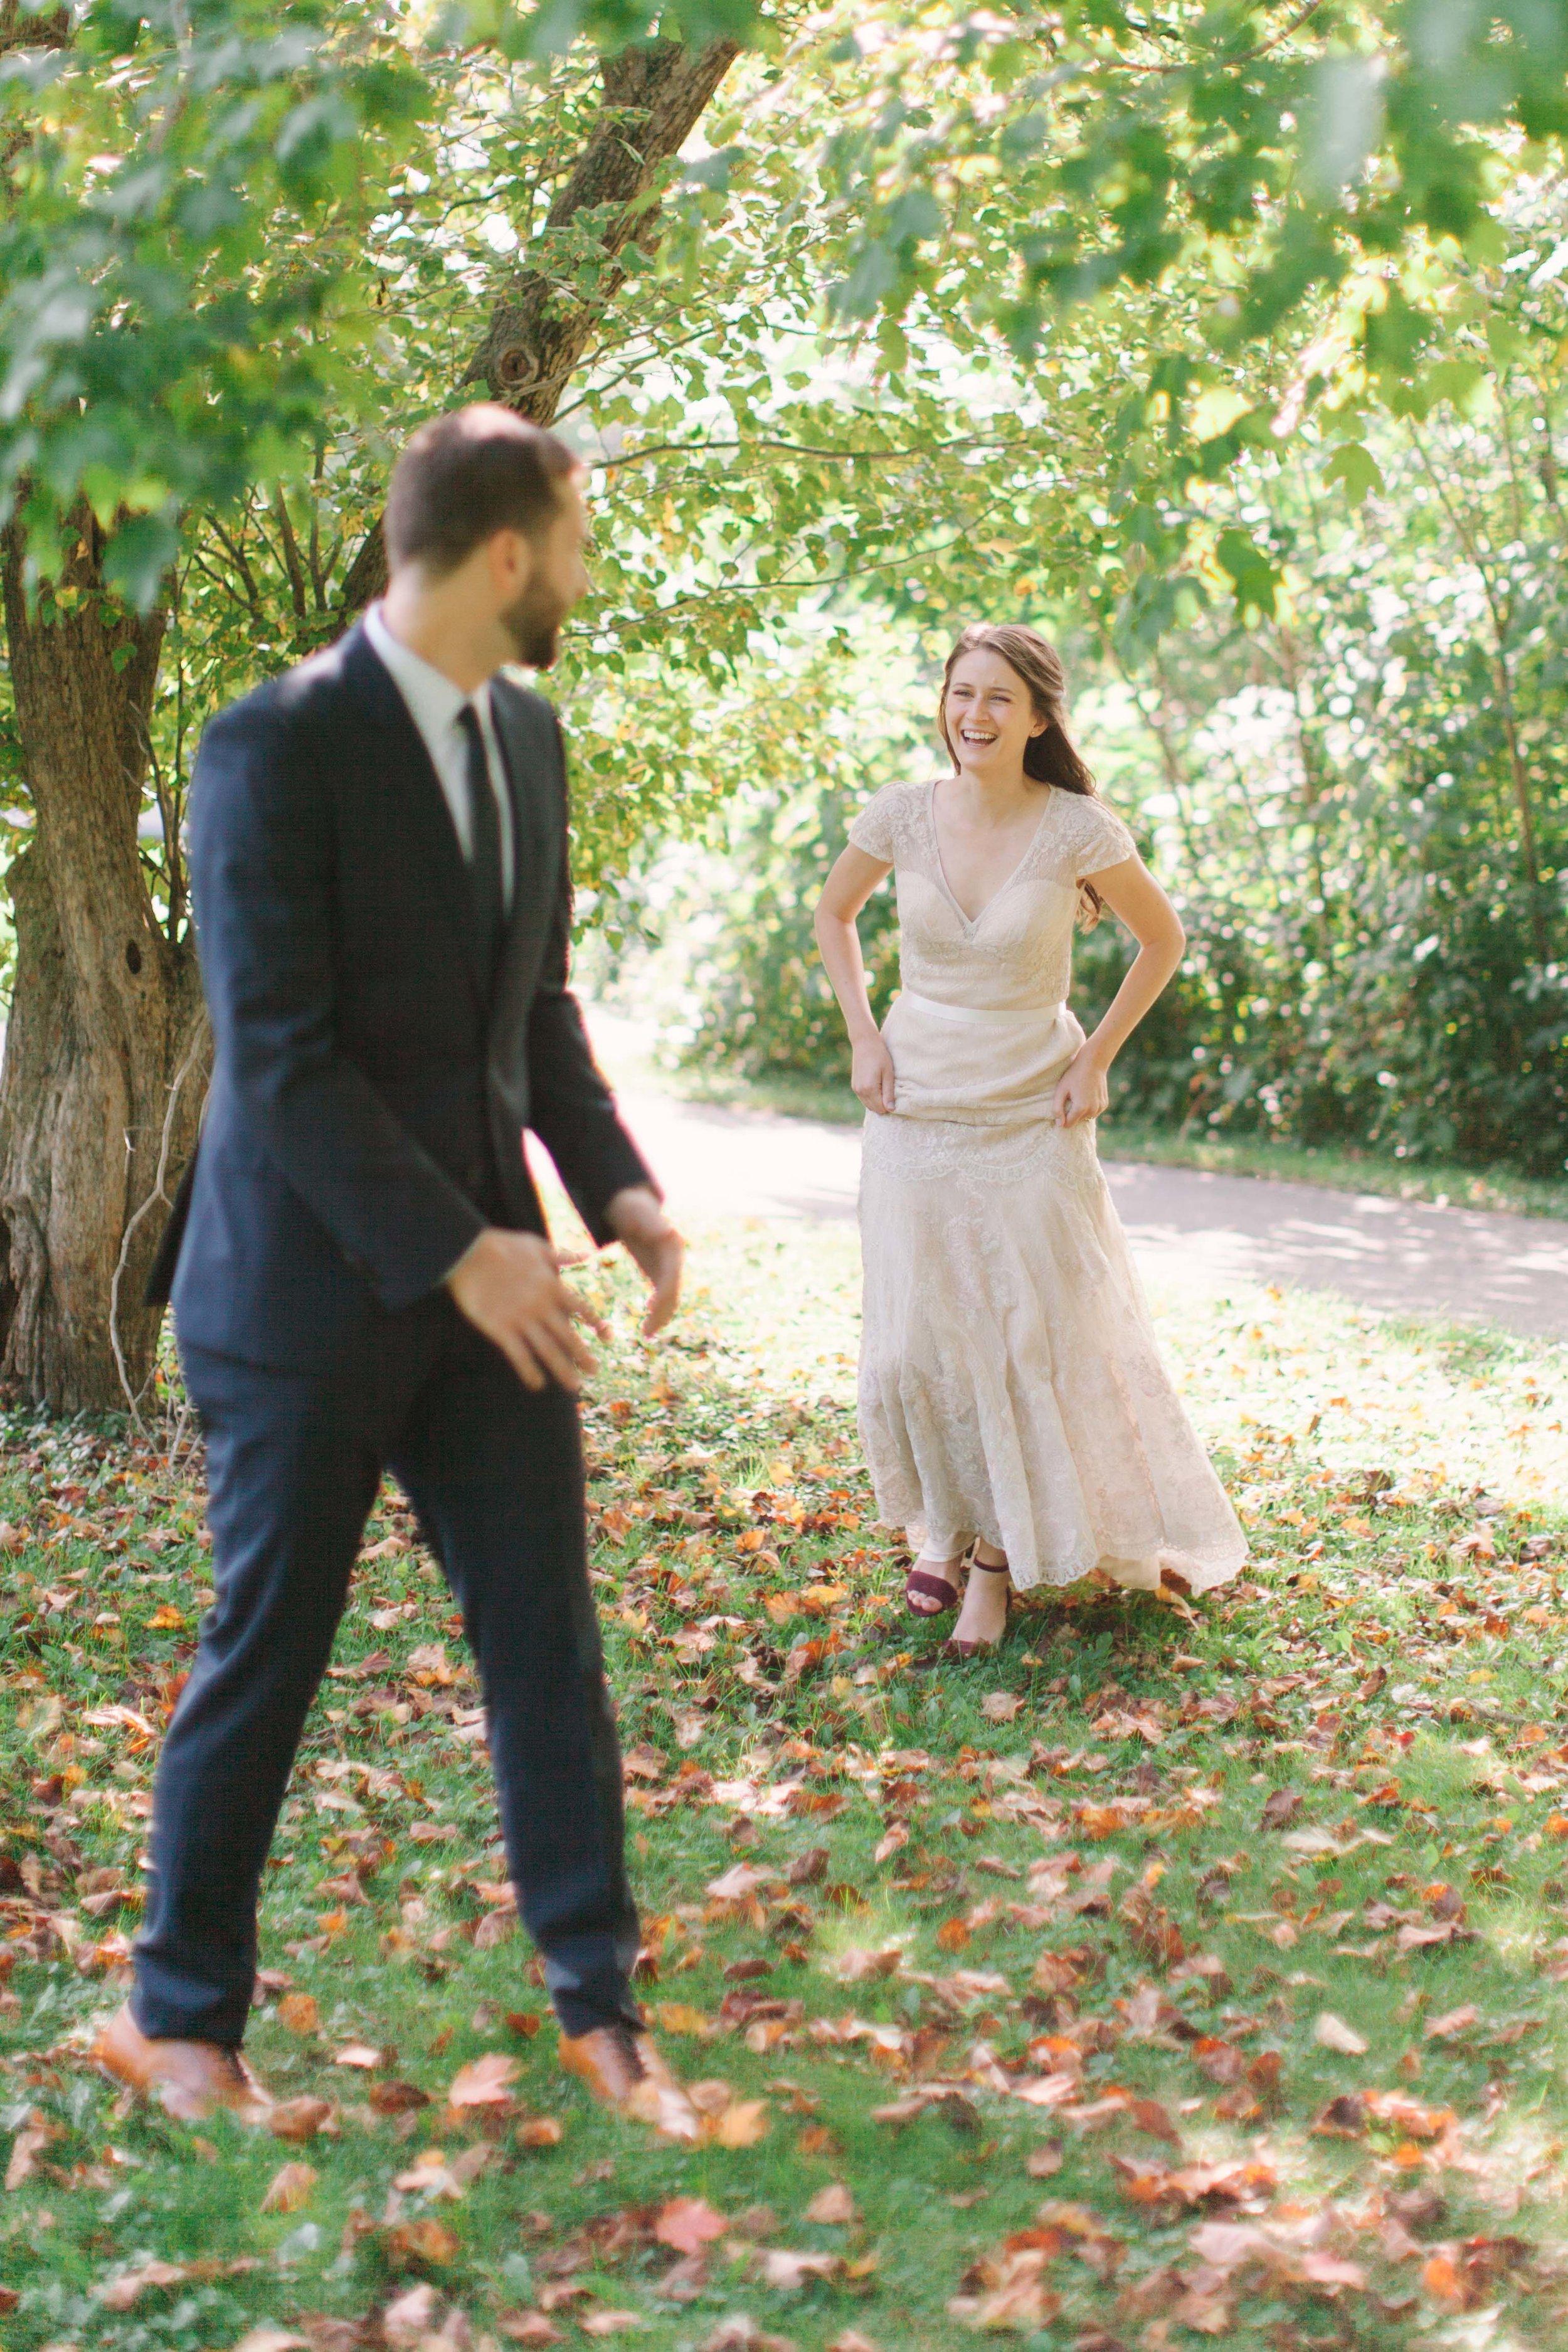 kateweinsteinphoto_clairewillie_wedding-159.jpg